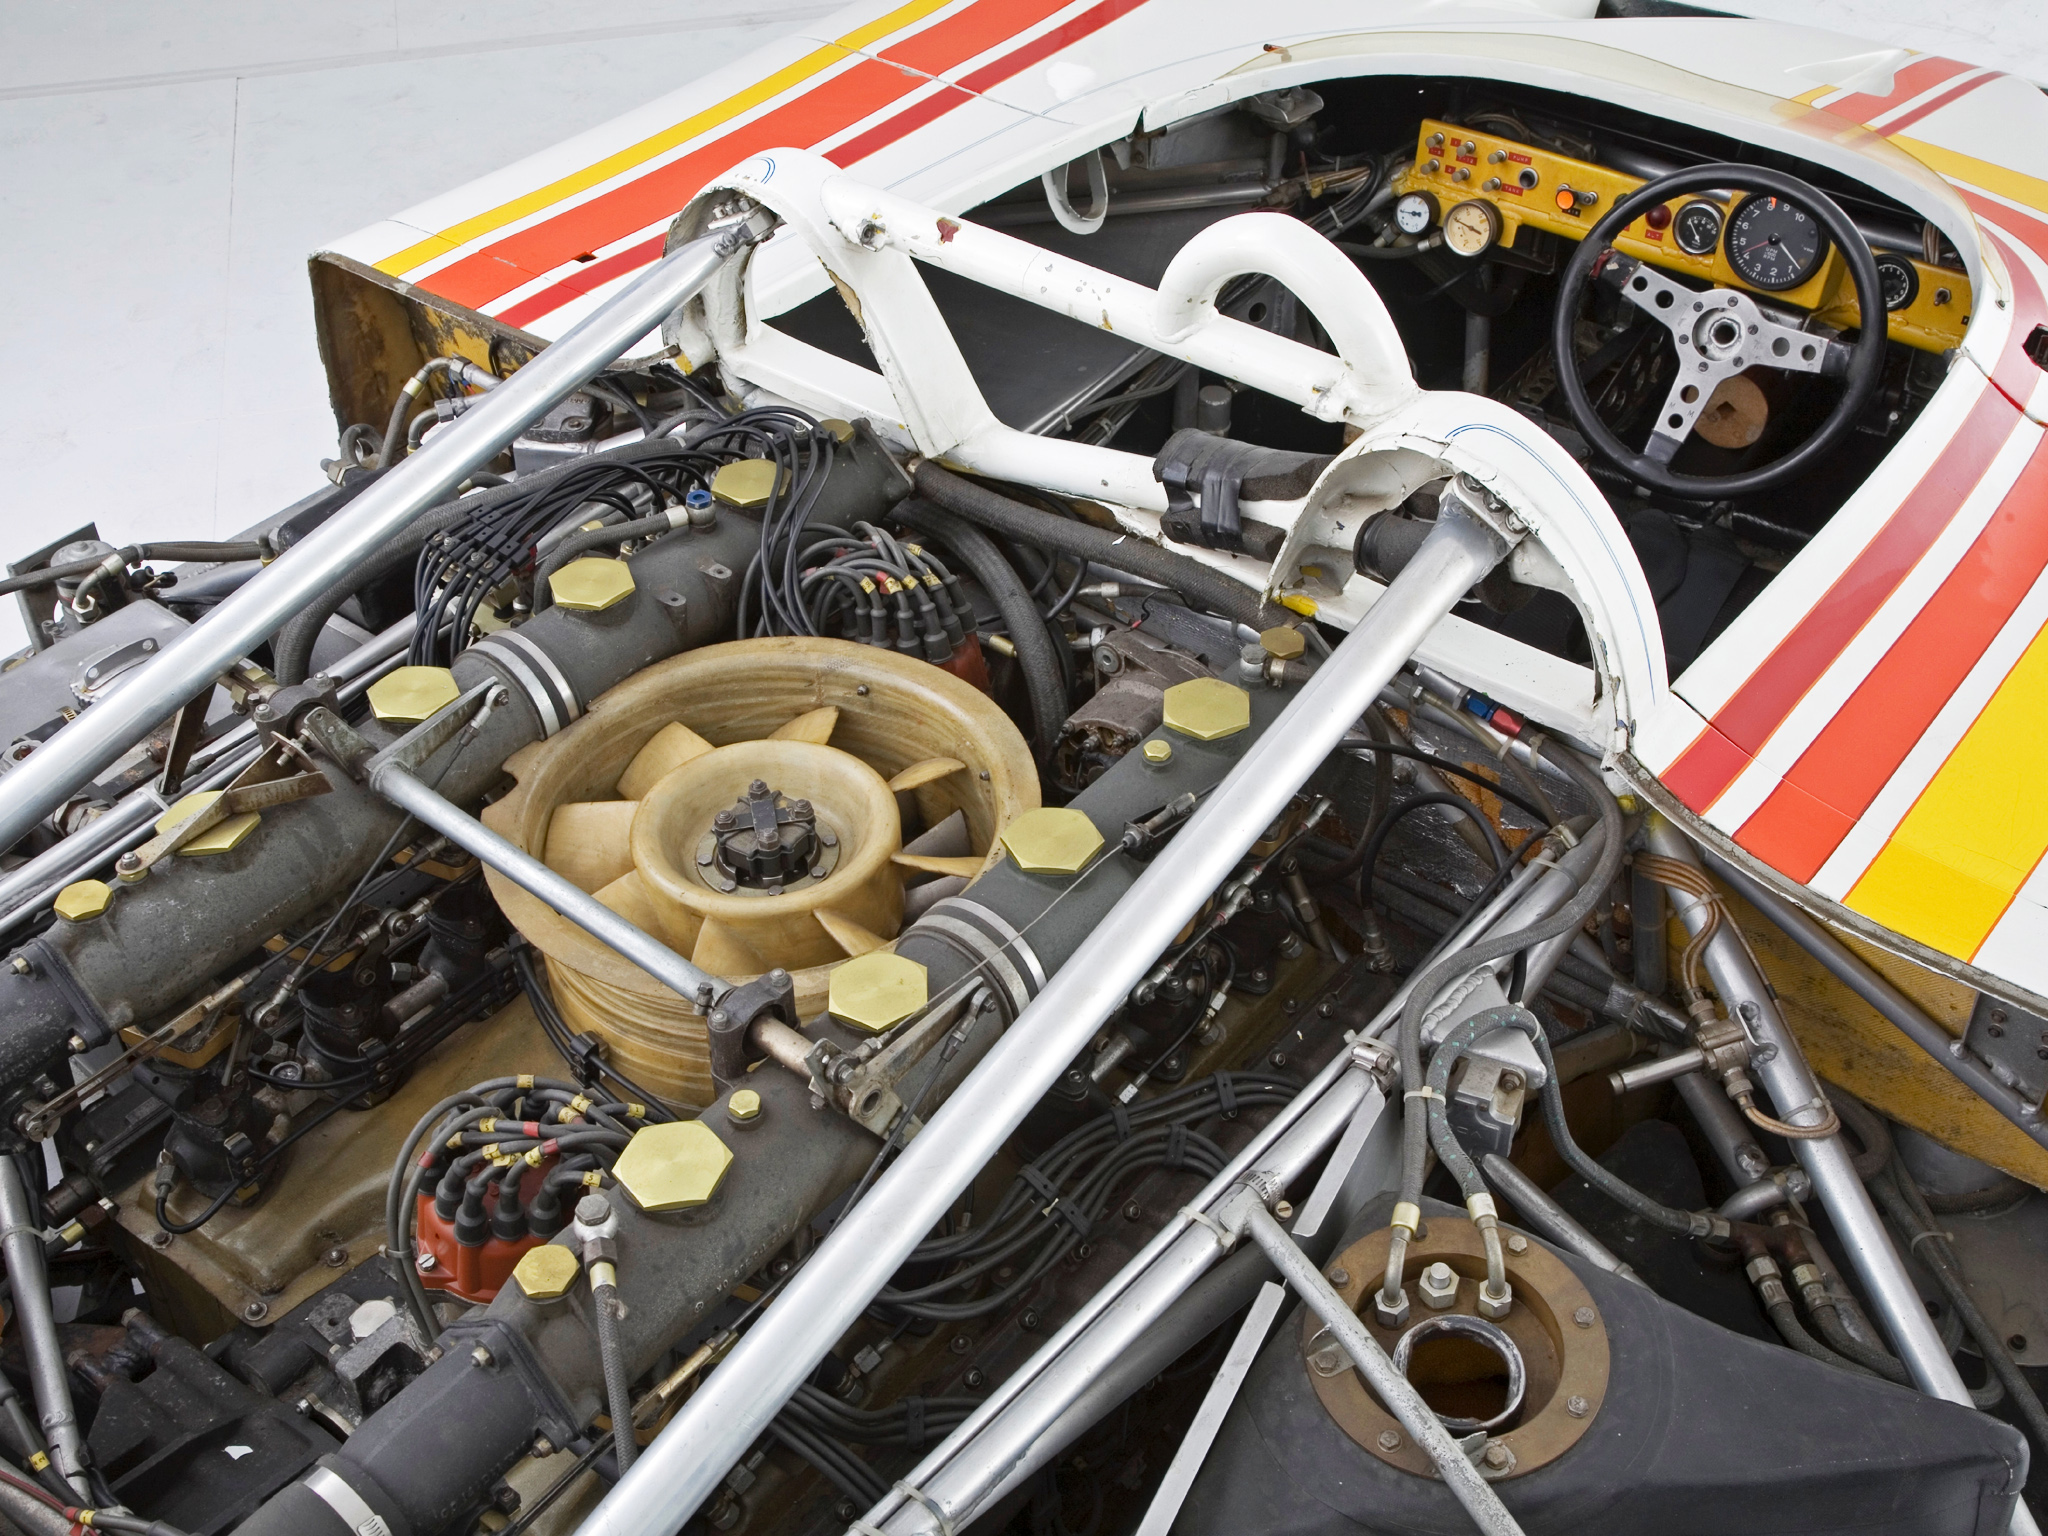 Porsche 917 10 can am spyder race racing engine engines wallpaper 2048x1536 95650 wallpaperup - Porsche engine wallpaper ...